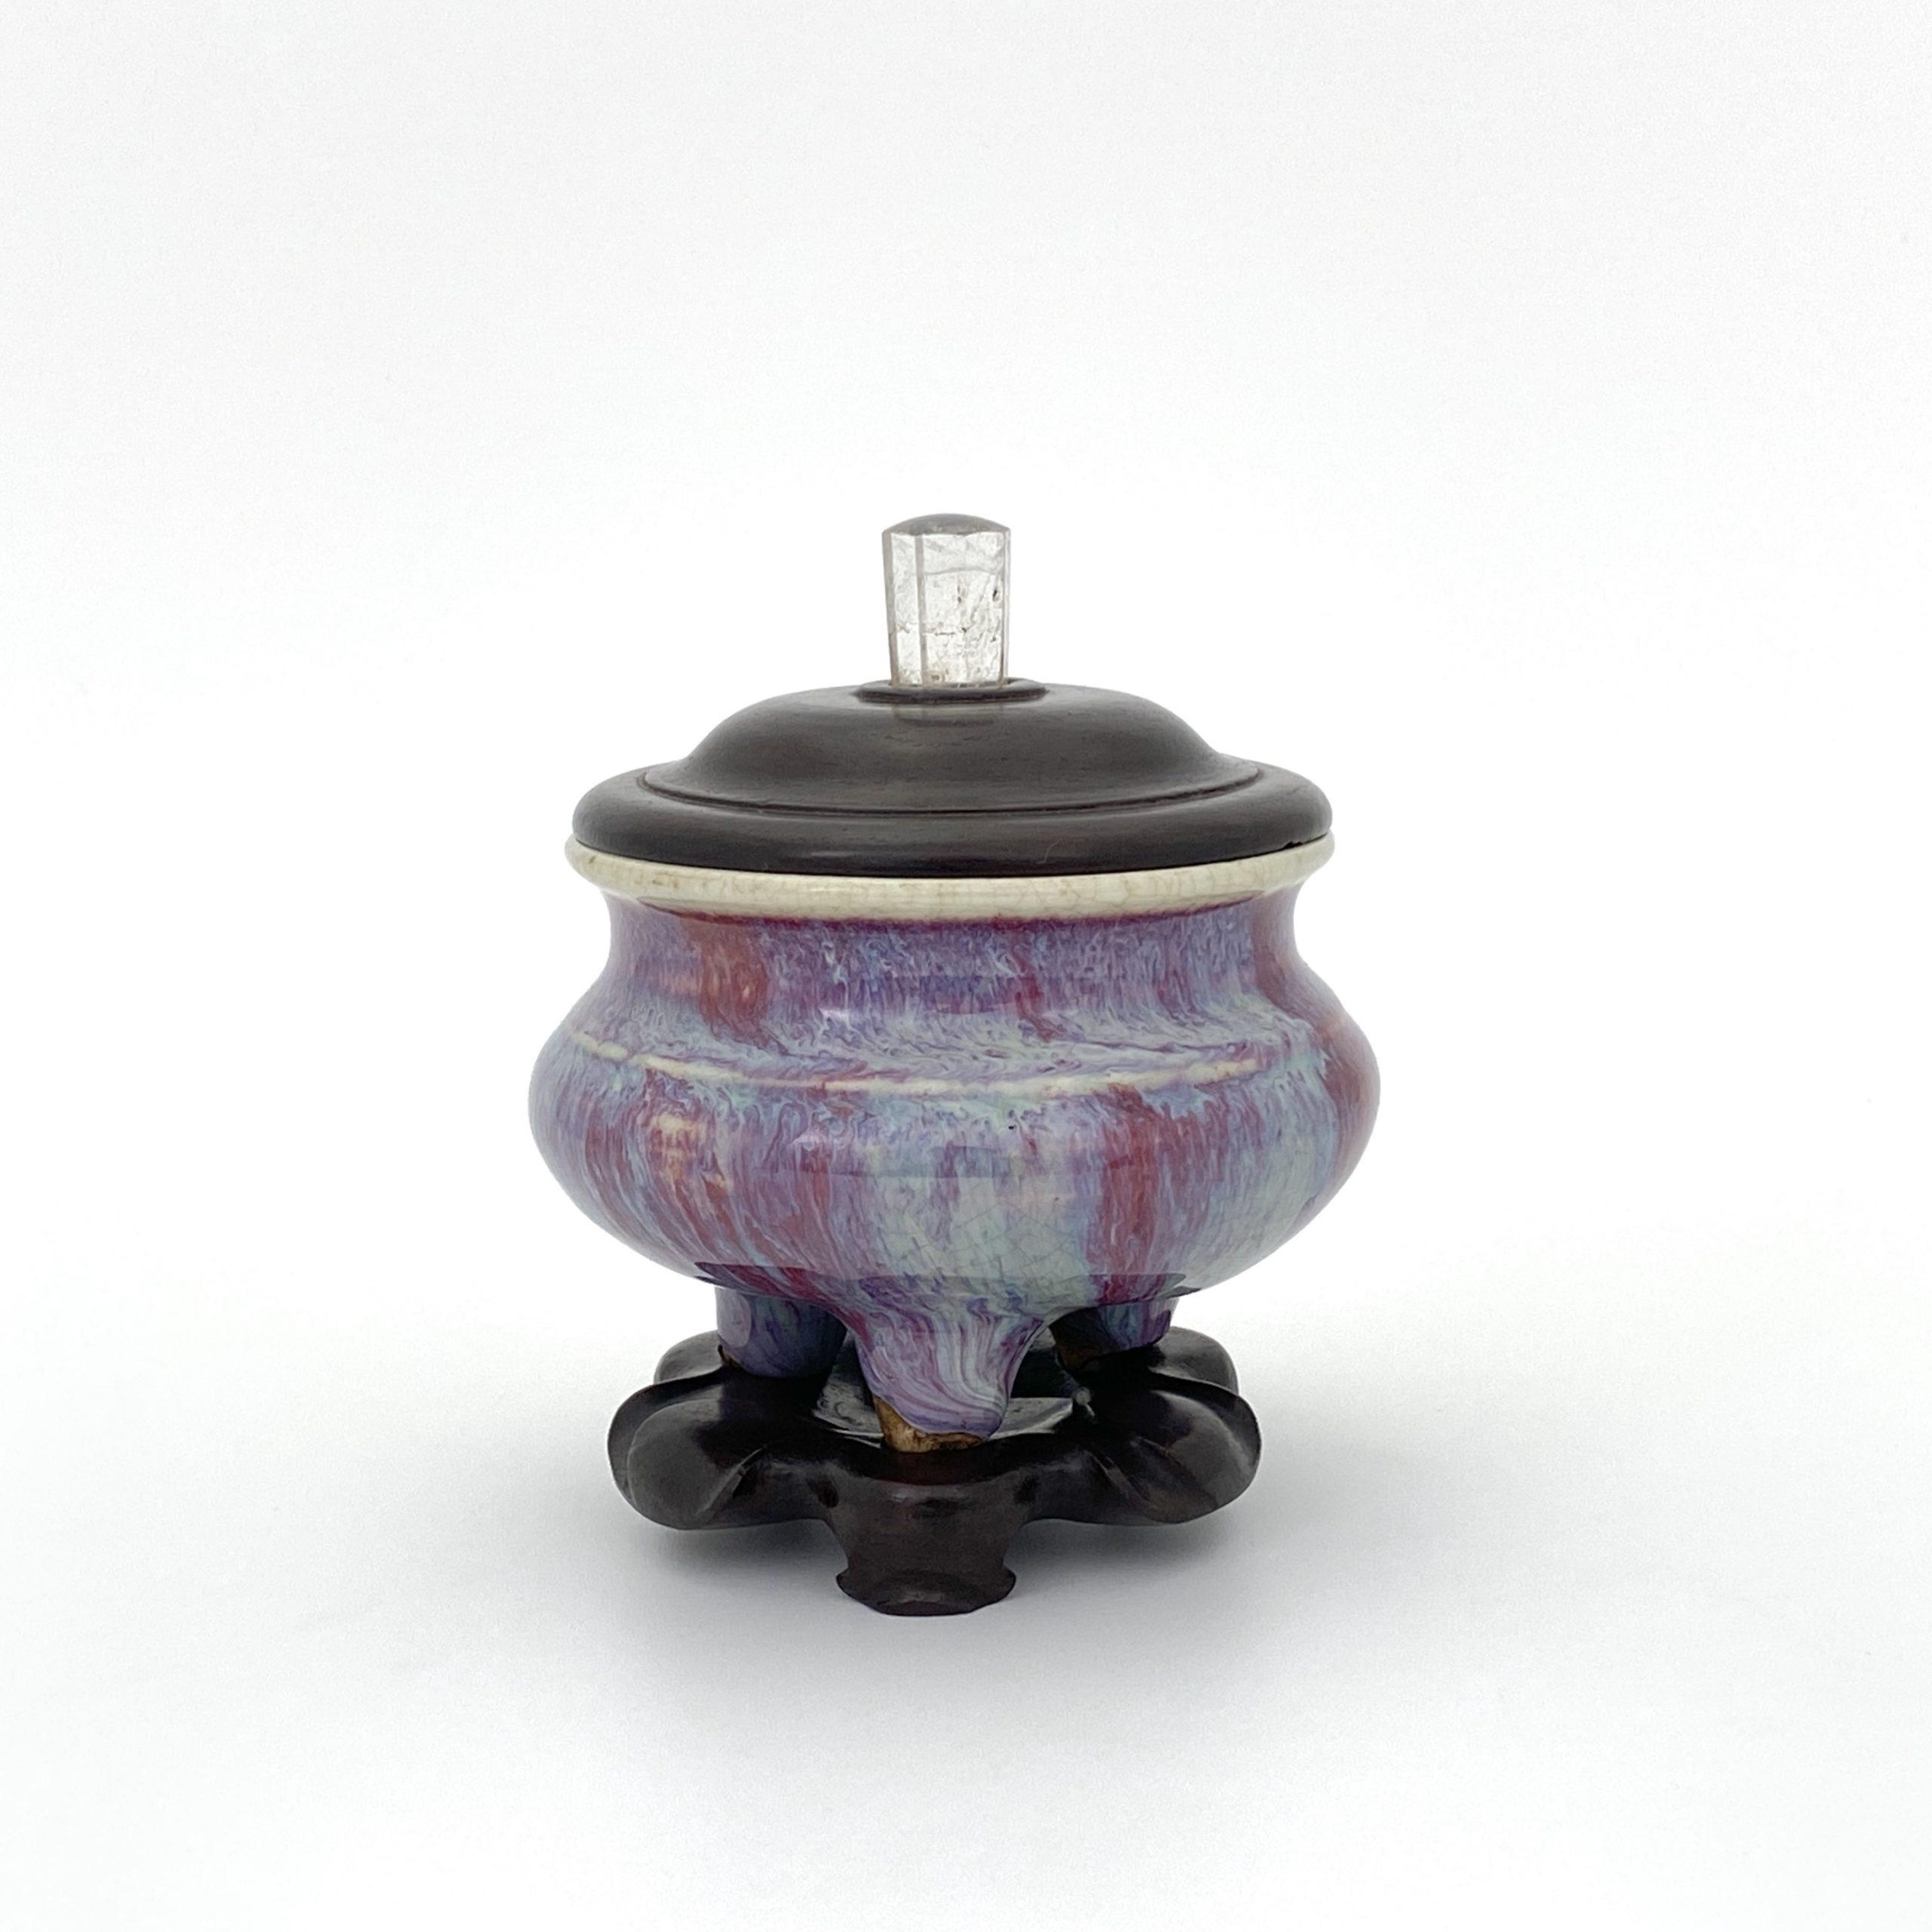 30109清 窯変釉 鬲式 爐